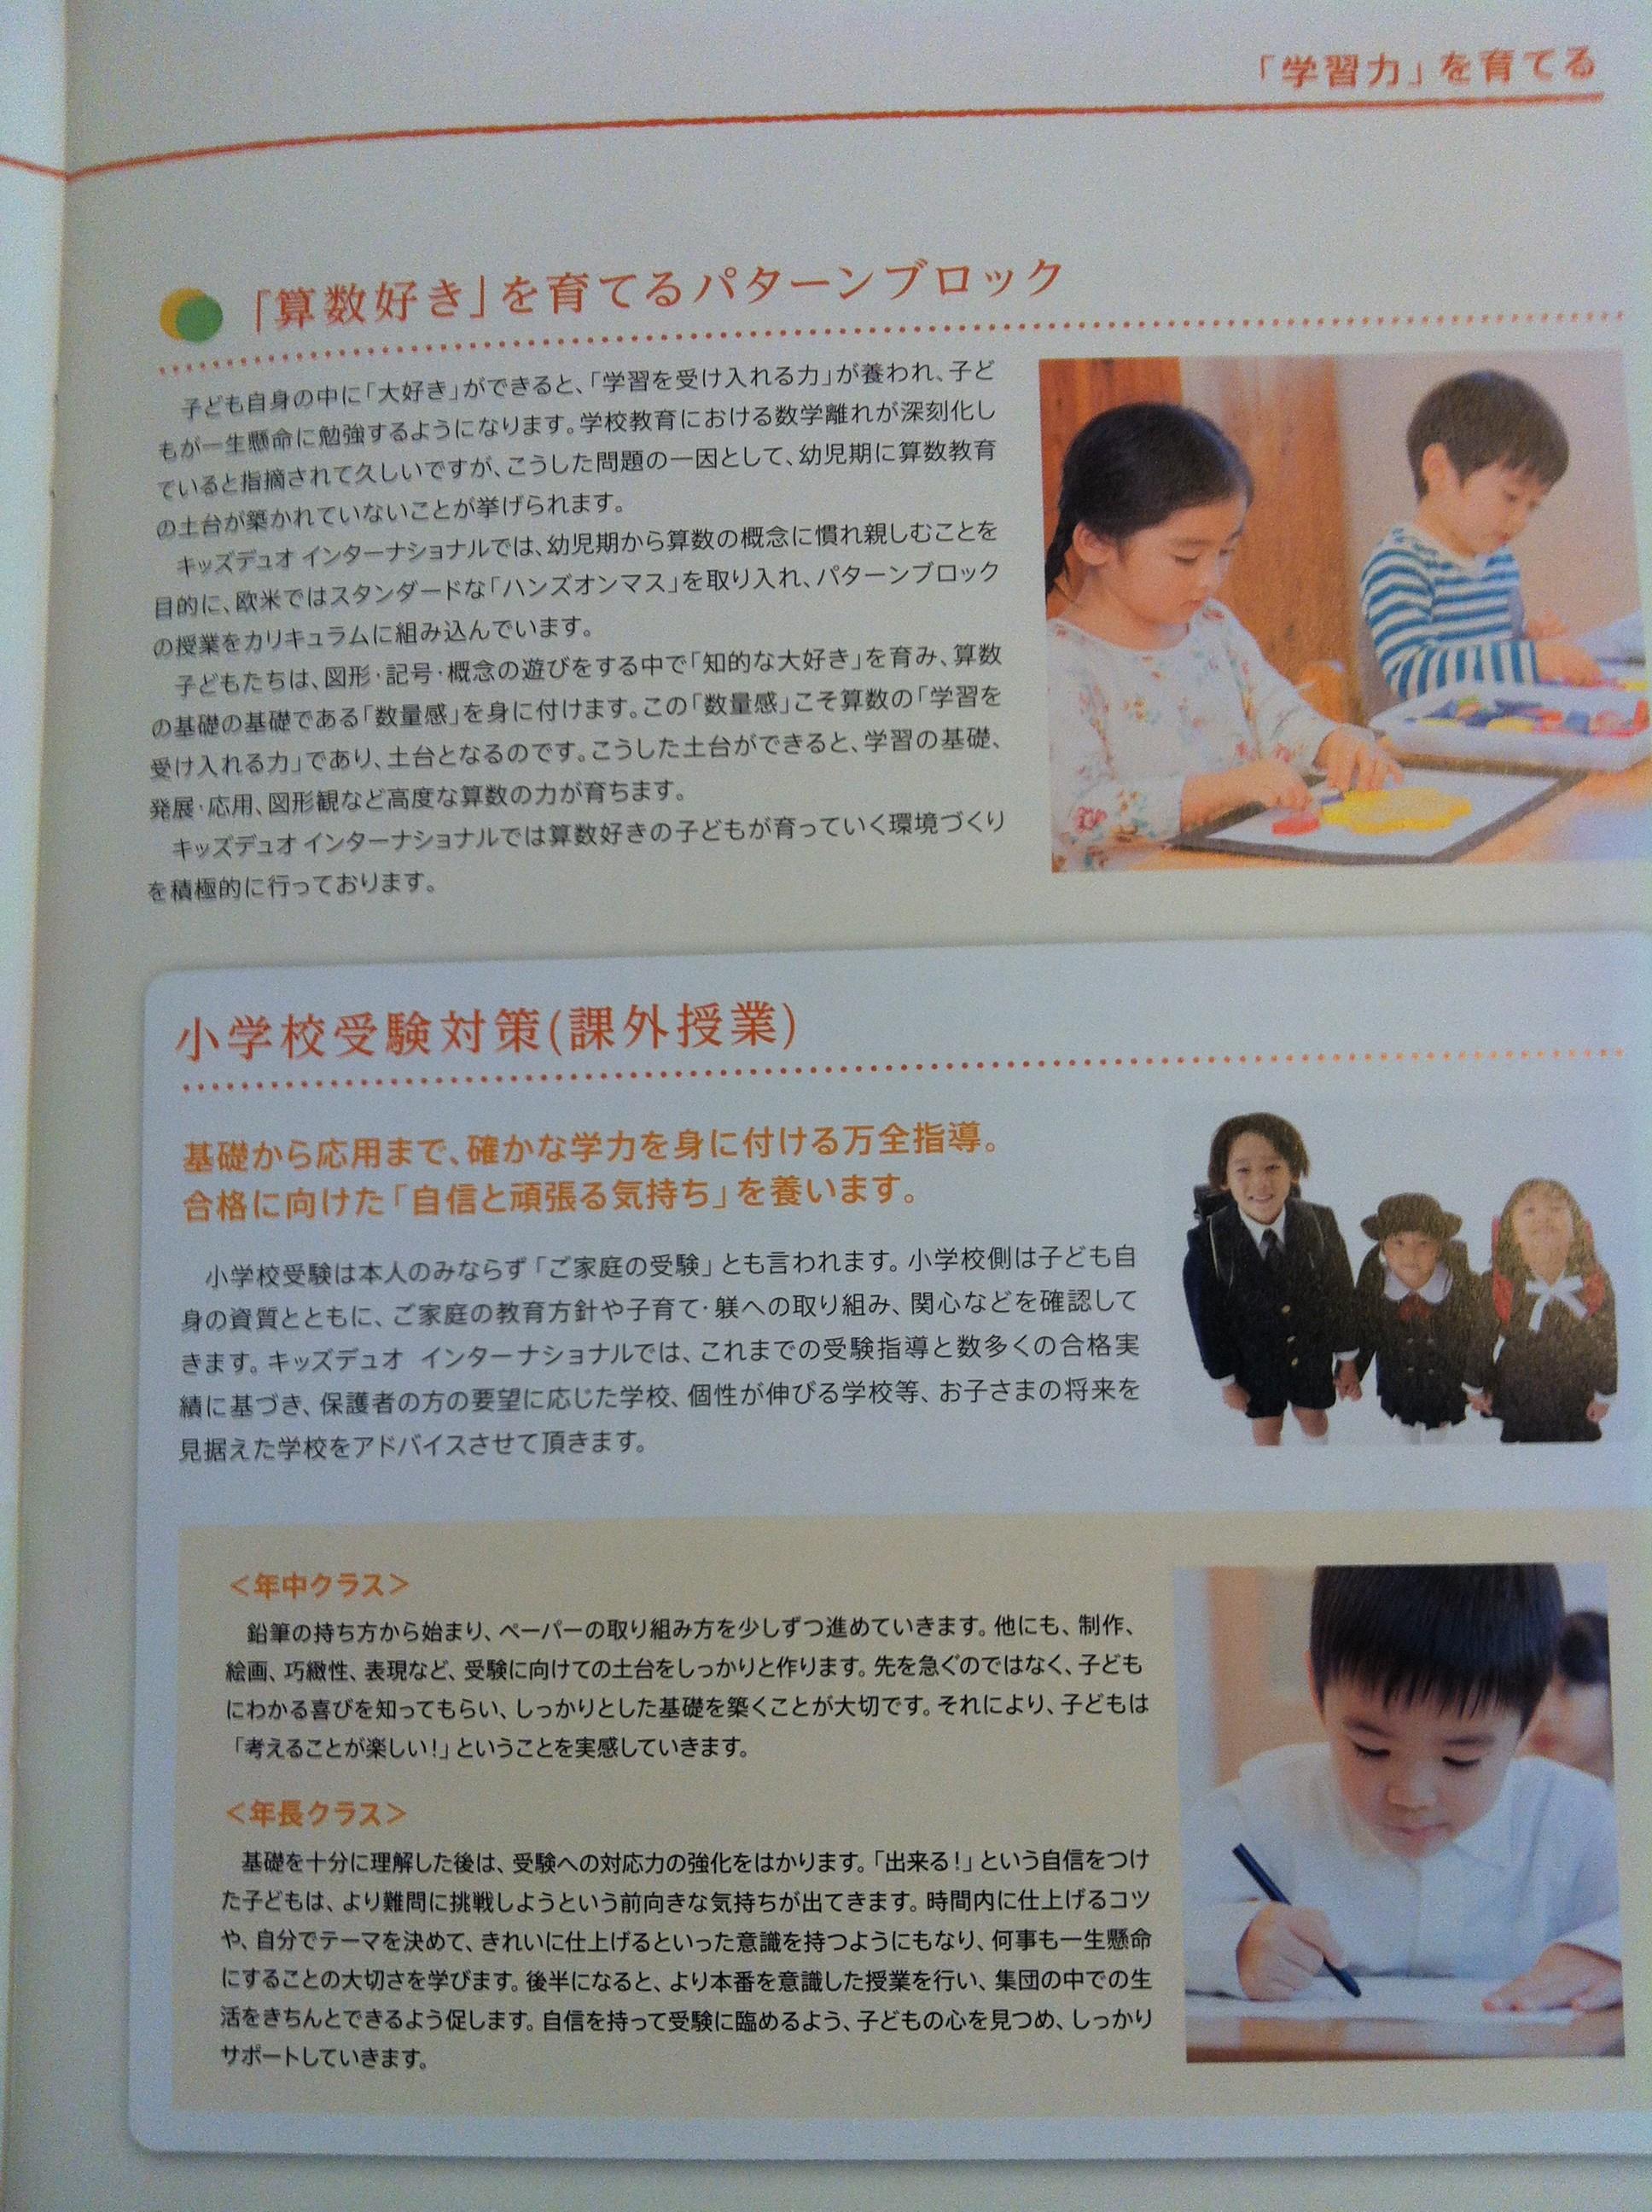 キッズデュオ(kids duo)の説明会で配られたパンフレット10ページ目の画像キャプチャ